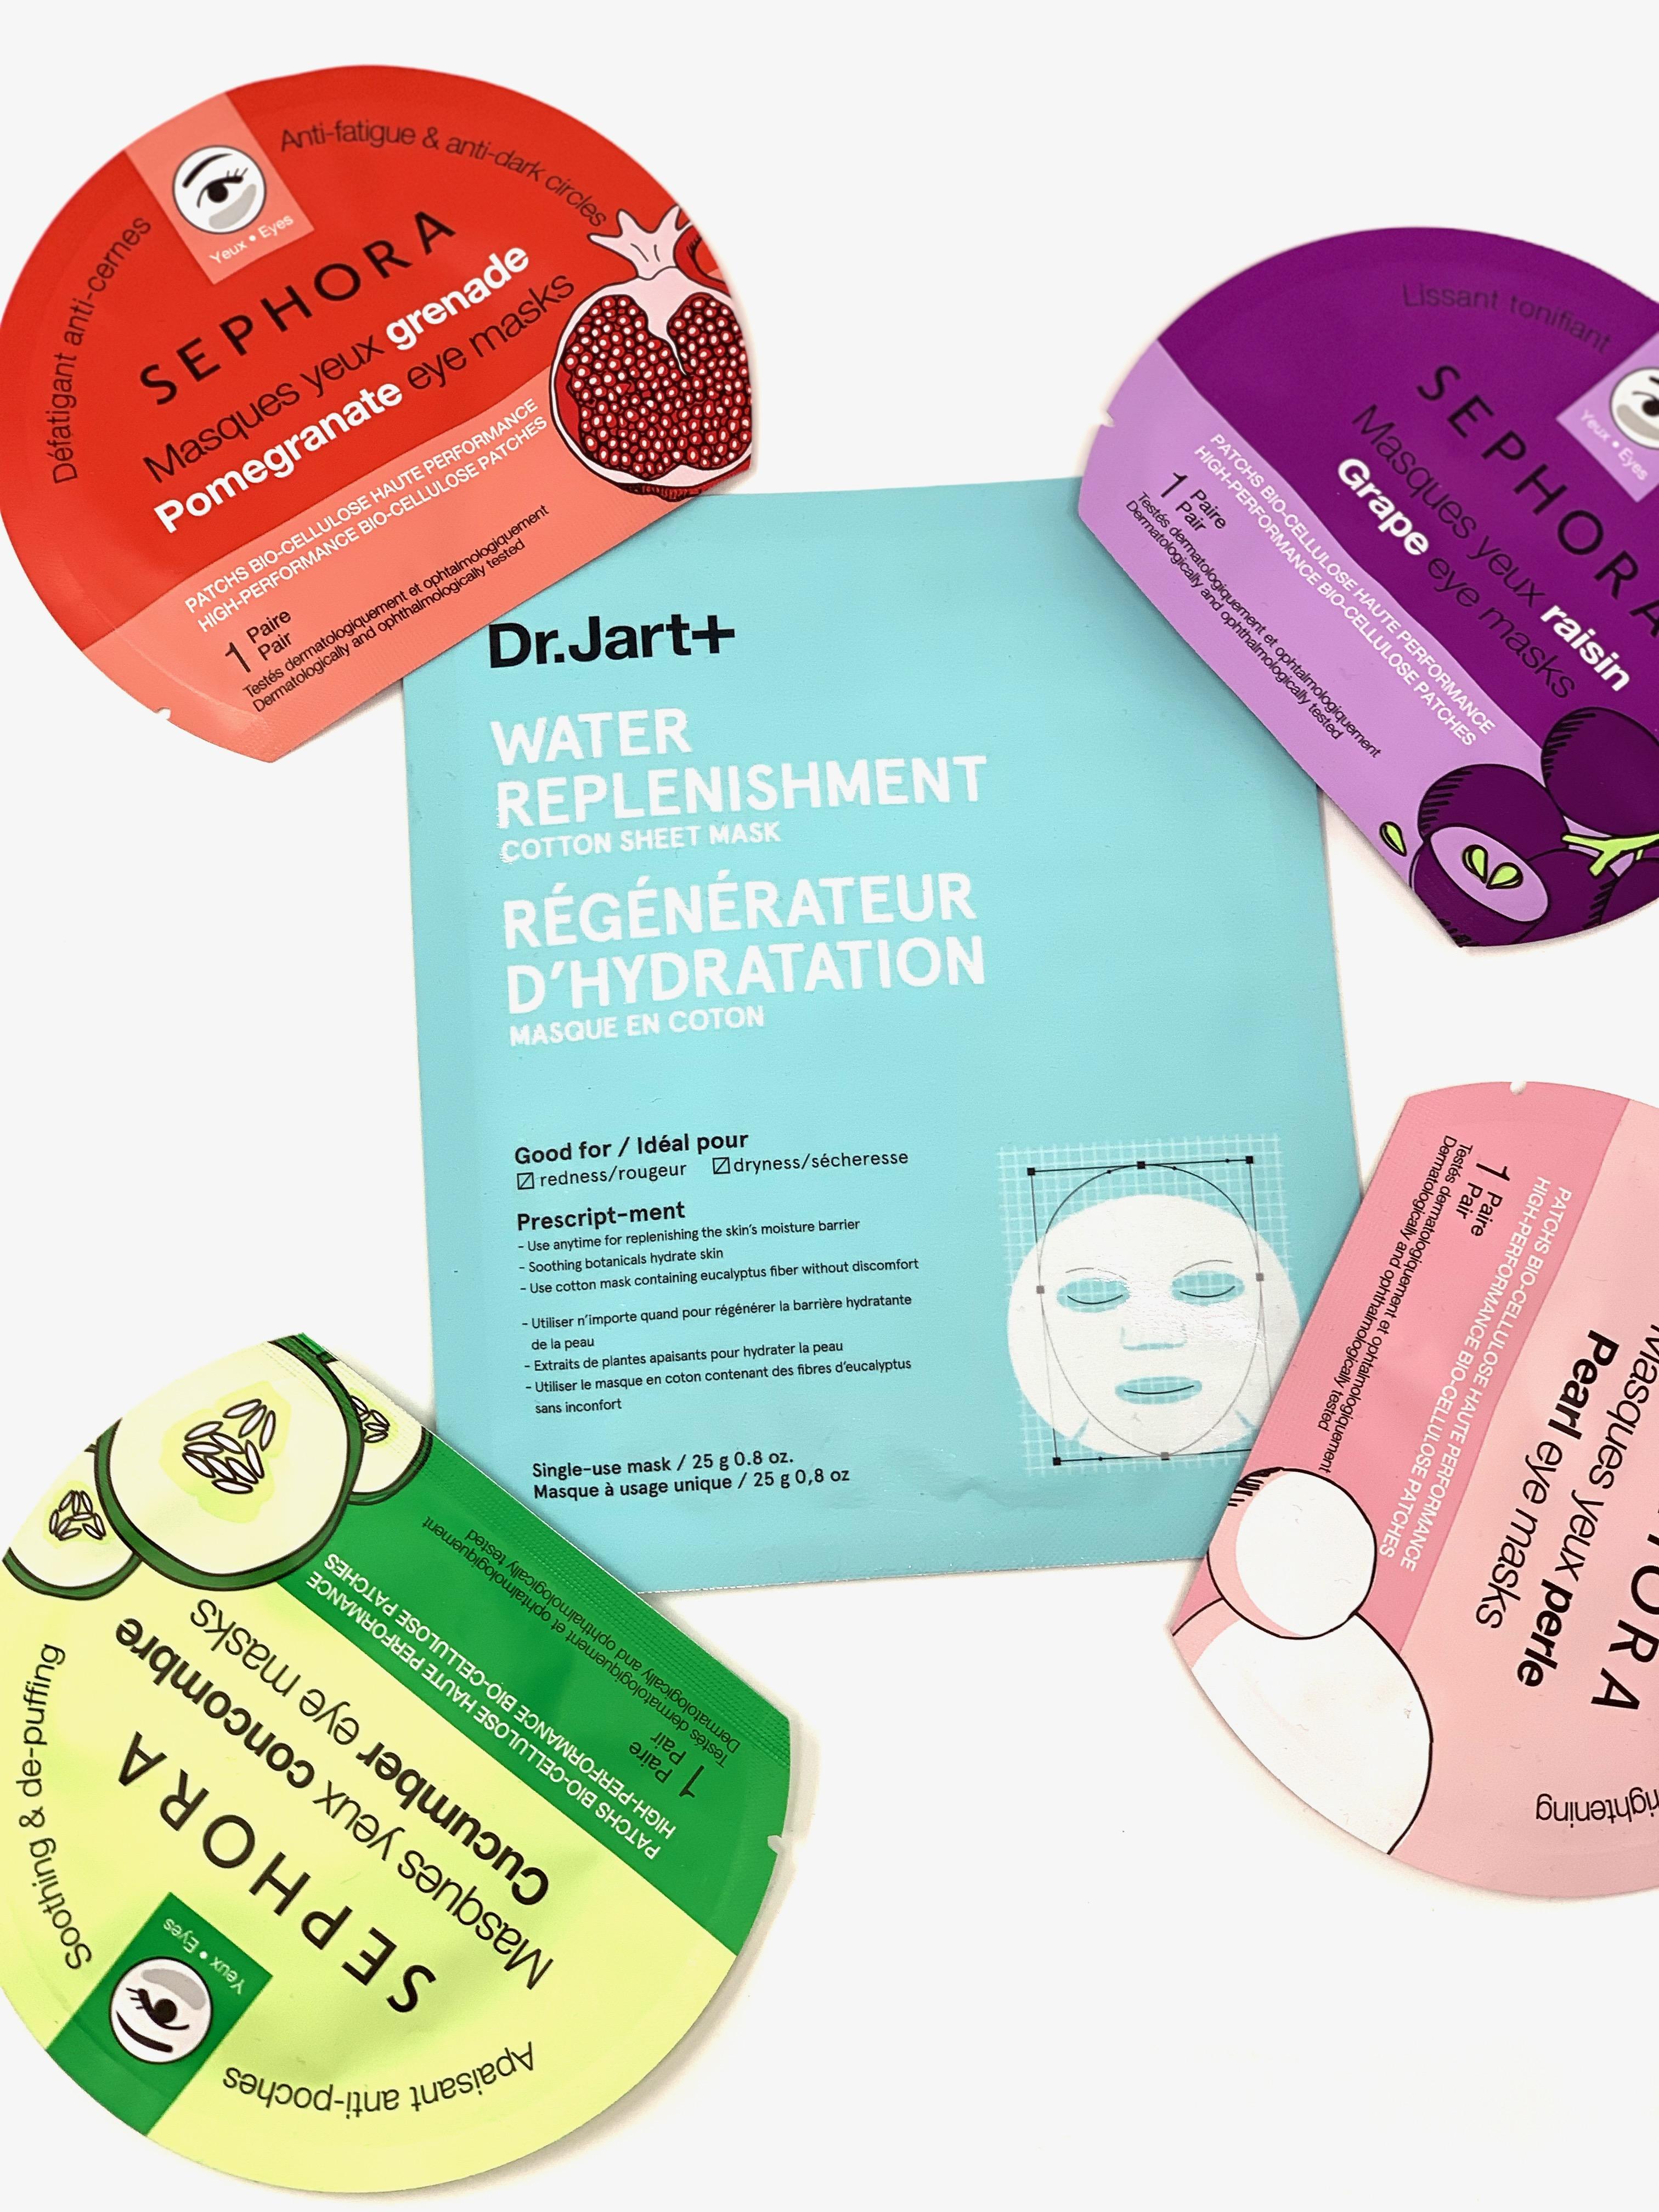 Sephora and Dr Jart Masks